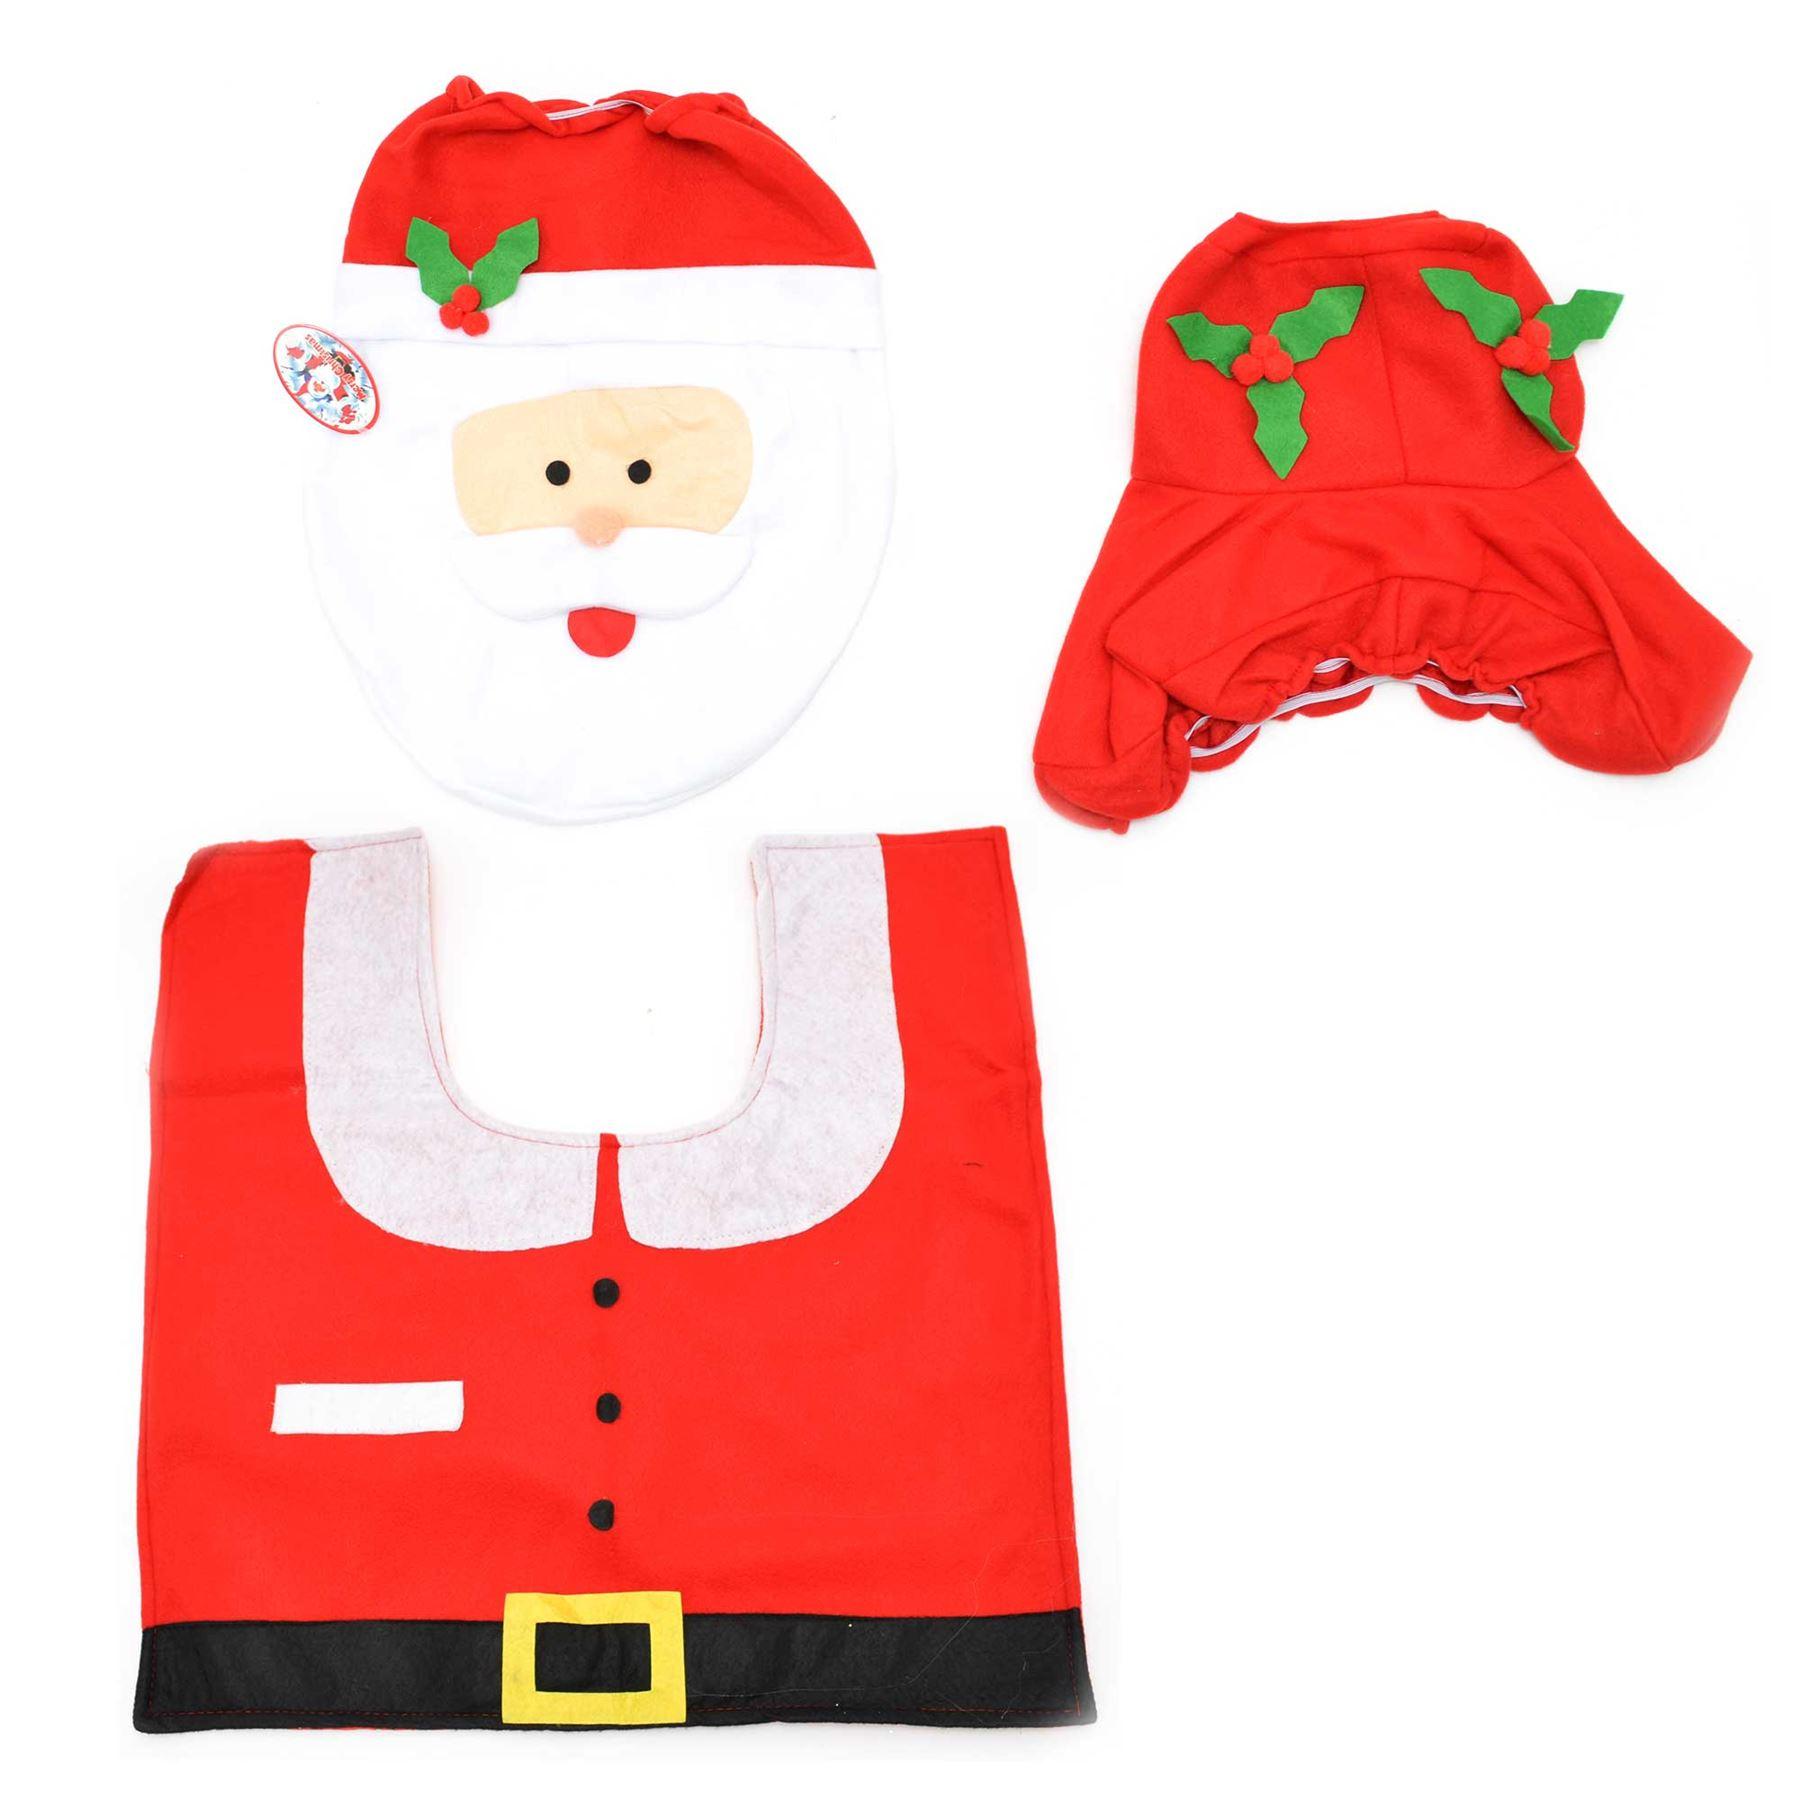 Decorazione-Natalizia-Natale-Casa-Bagno-Toilet-Seat-Cover-Set-Babbo-Natale-Elfo-Pupazzo-di-neve miniatura 10